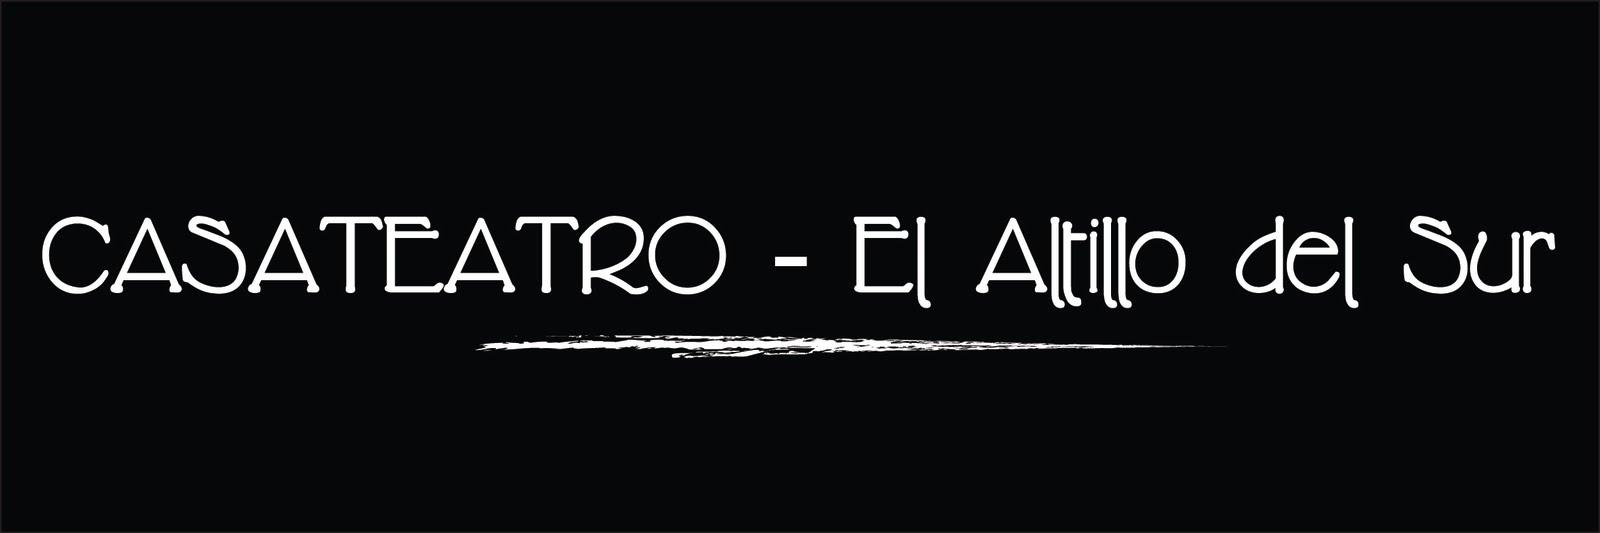 CASATEATRO - El Altillo del Sur